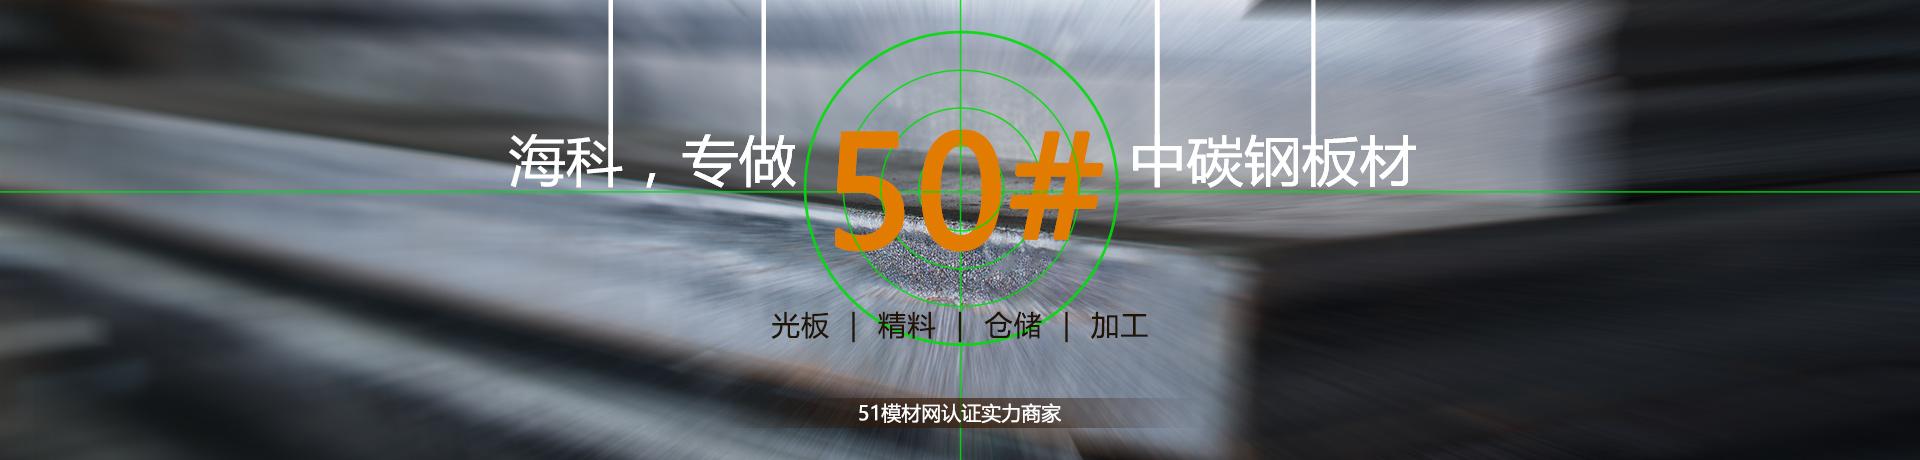 深圳市海科模具科技有限公司